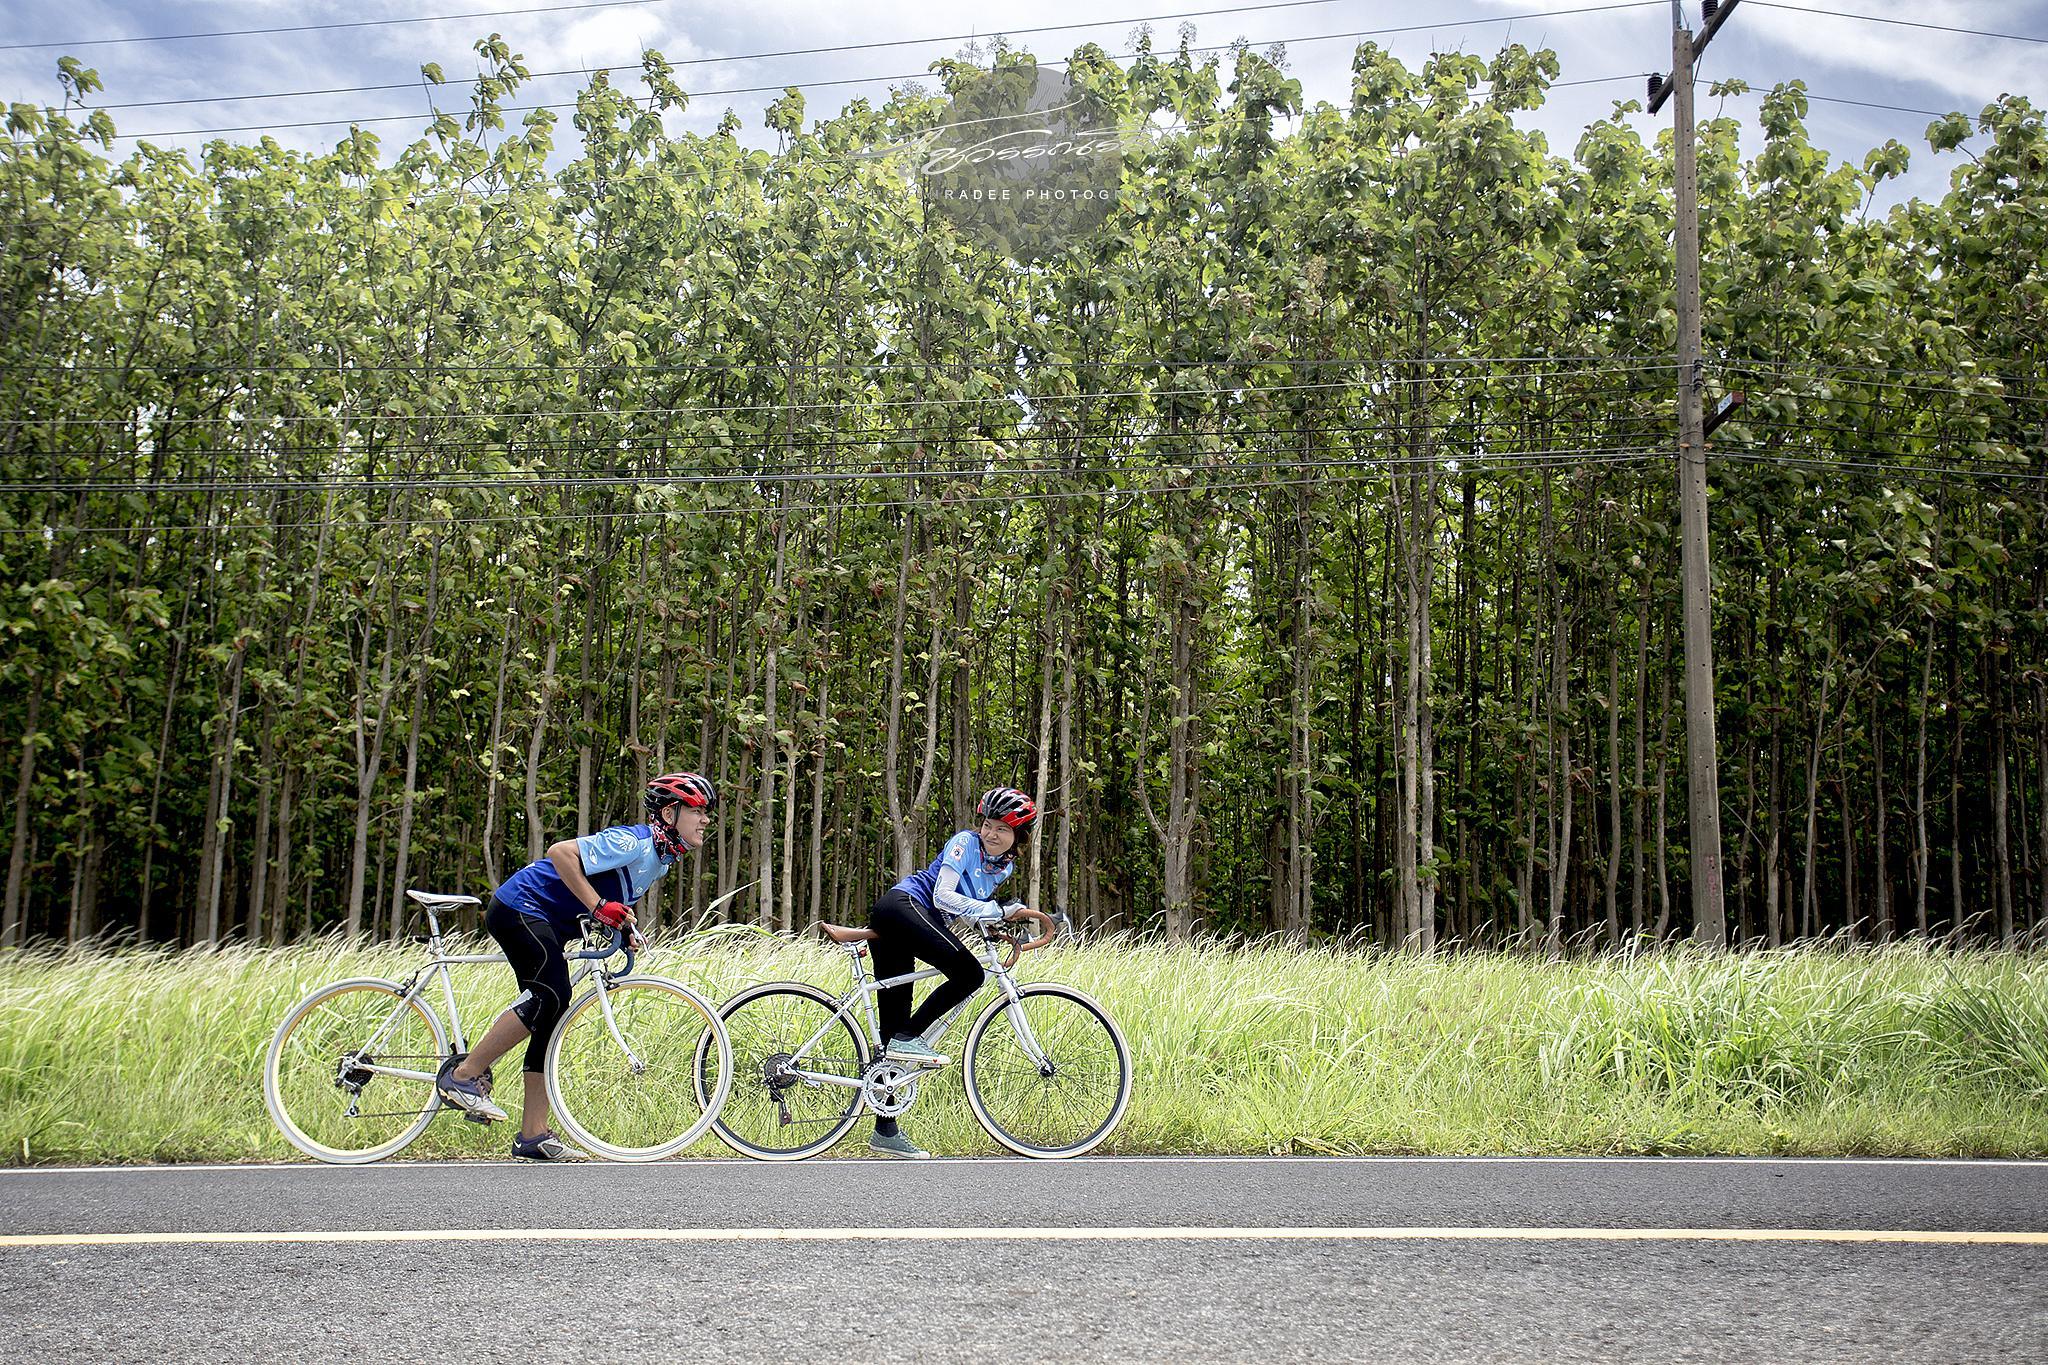 Bike for U by Chovunradee